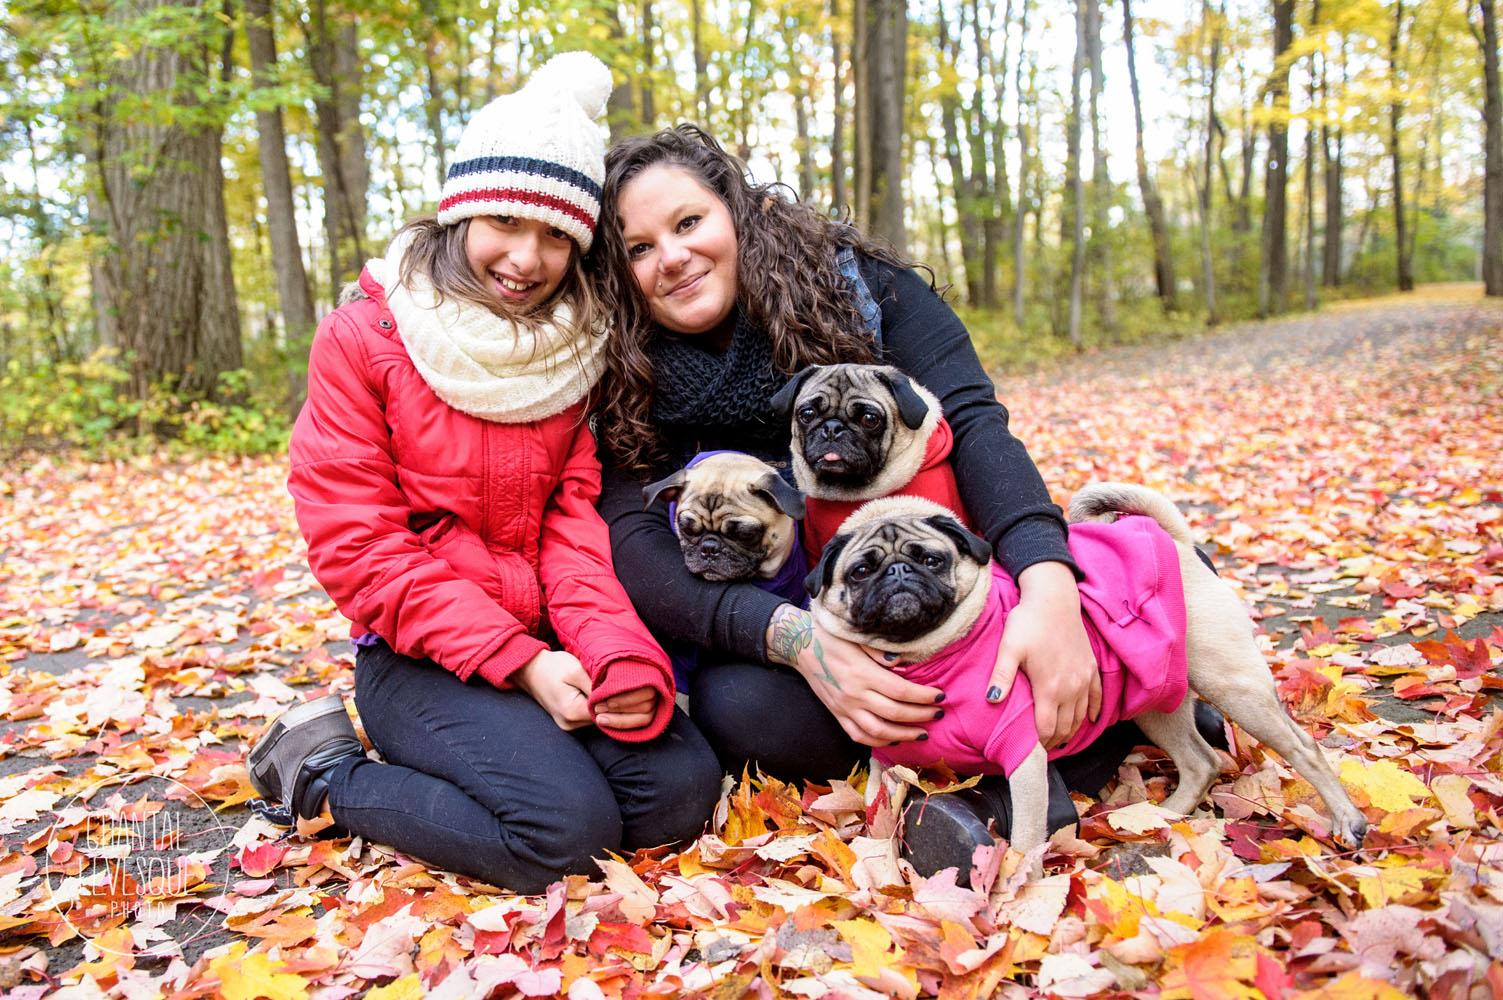 Une dernière photo de famille avant de quitter